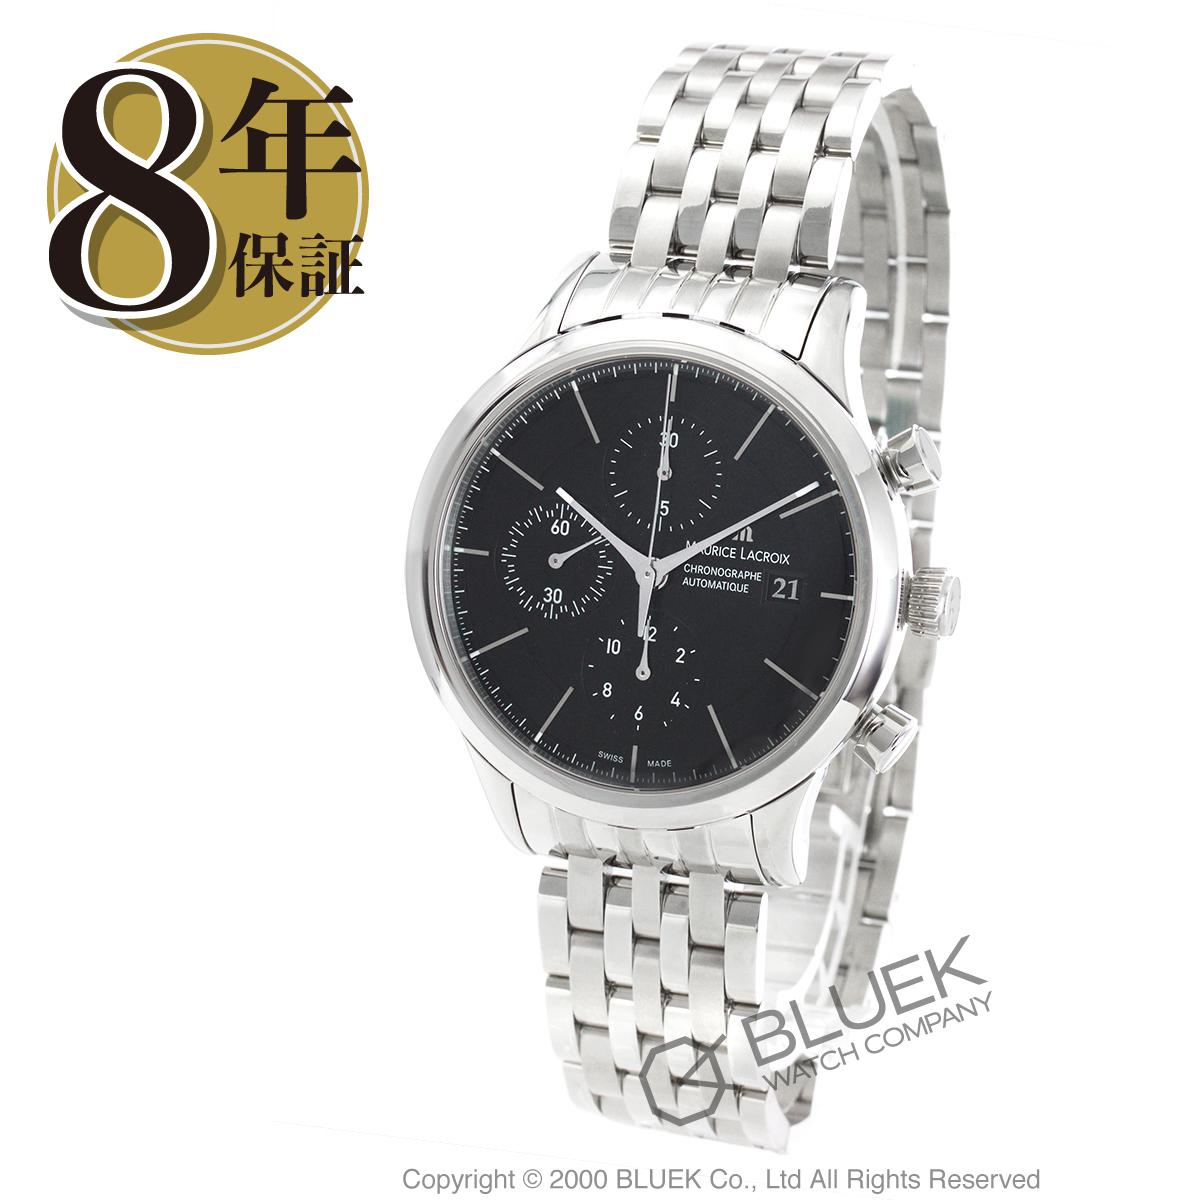 モーリス・ラクロア レ・クラシック クロノグラフ 腕時計 メンズ MAURICE LACROIX LC6058-SS002-330J_8